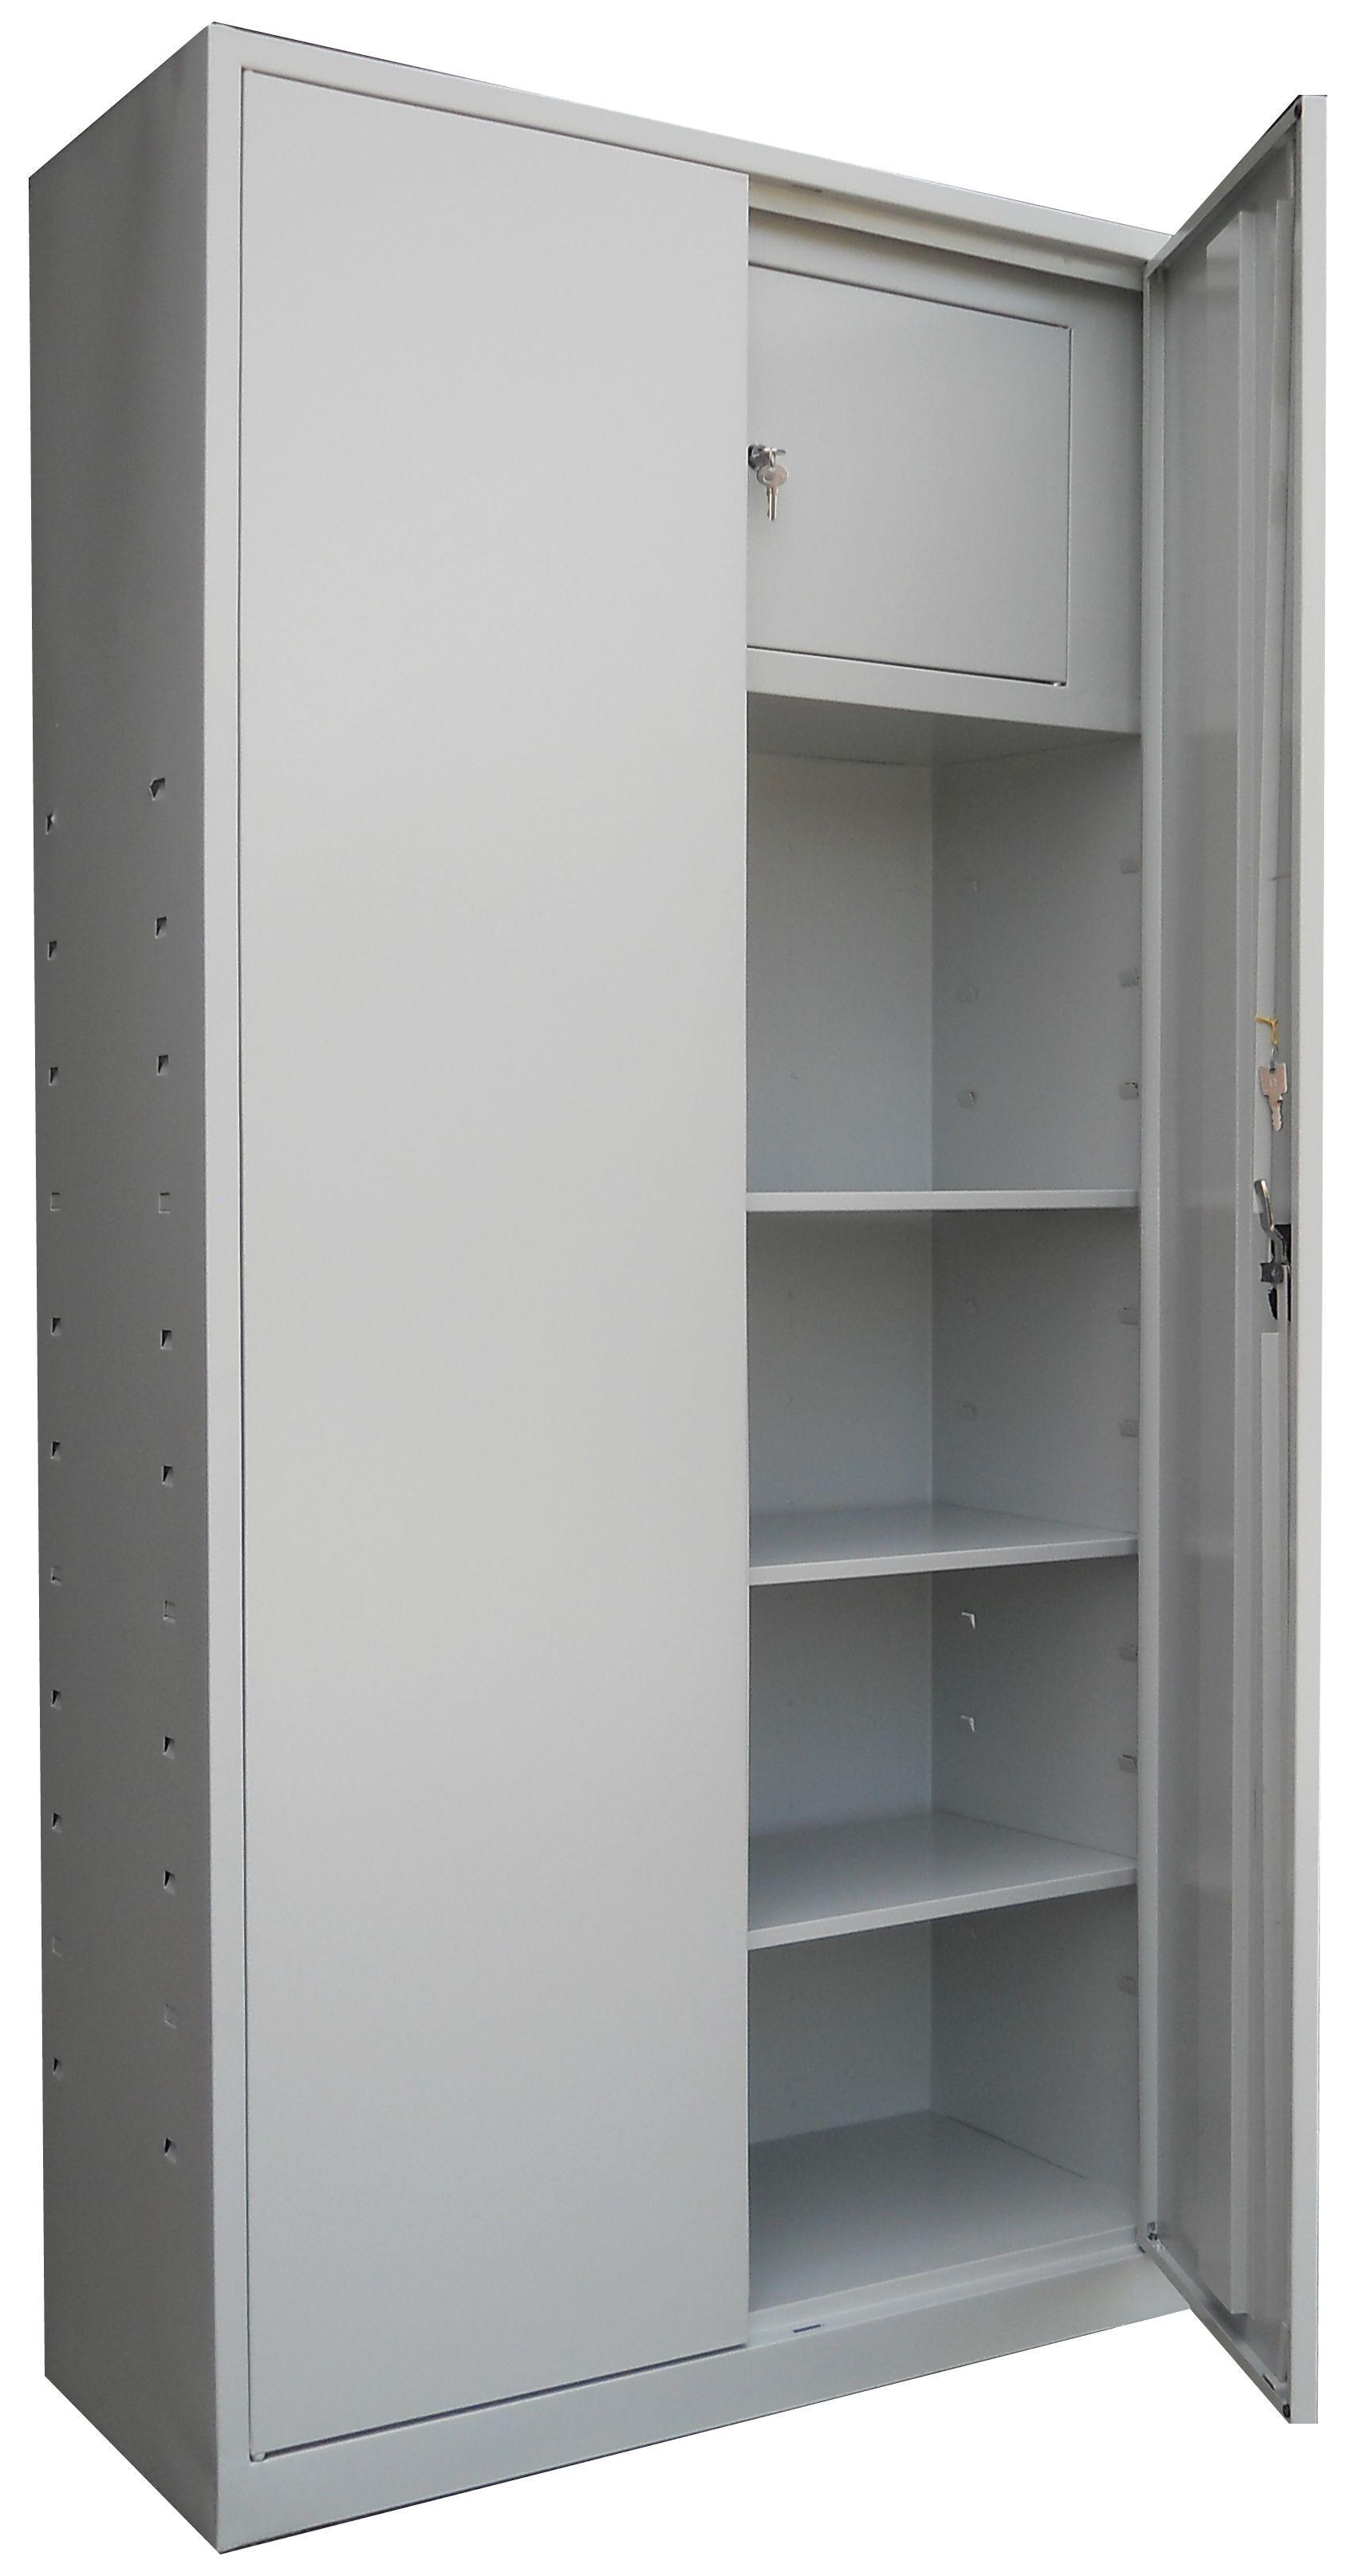 FISET METALIC CU 3 RAFTURI SI SEIF 900x400x1800 mm (LxlxH), 35 kg/polita, ECO